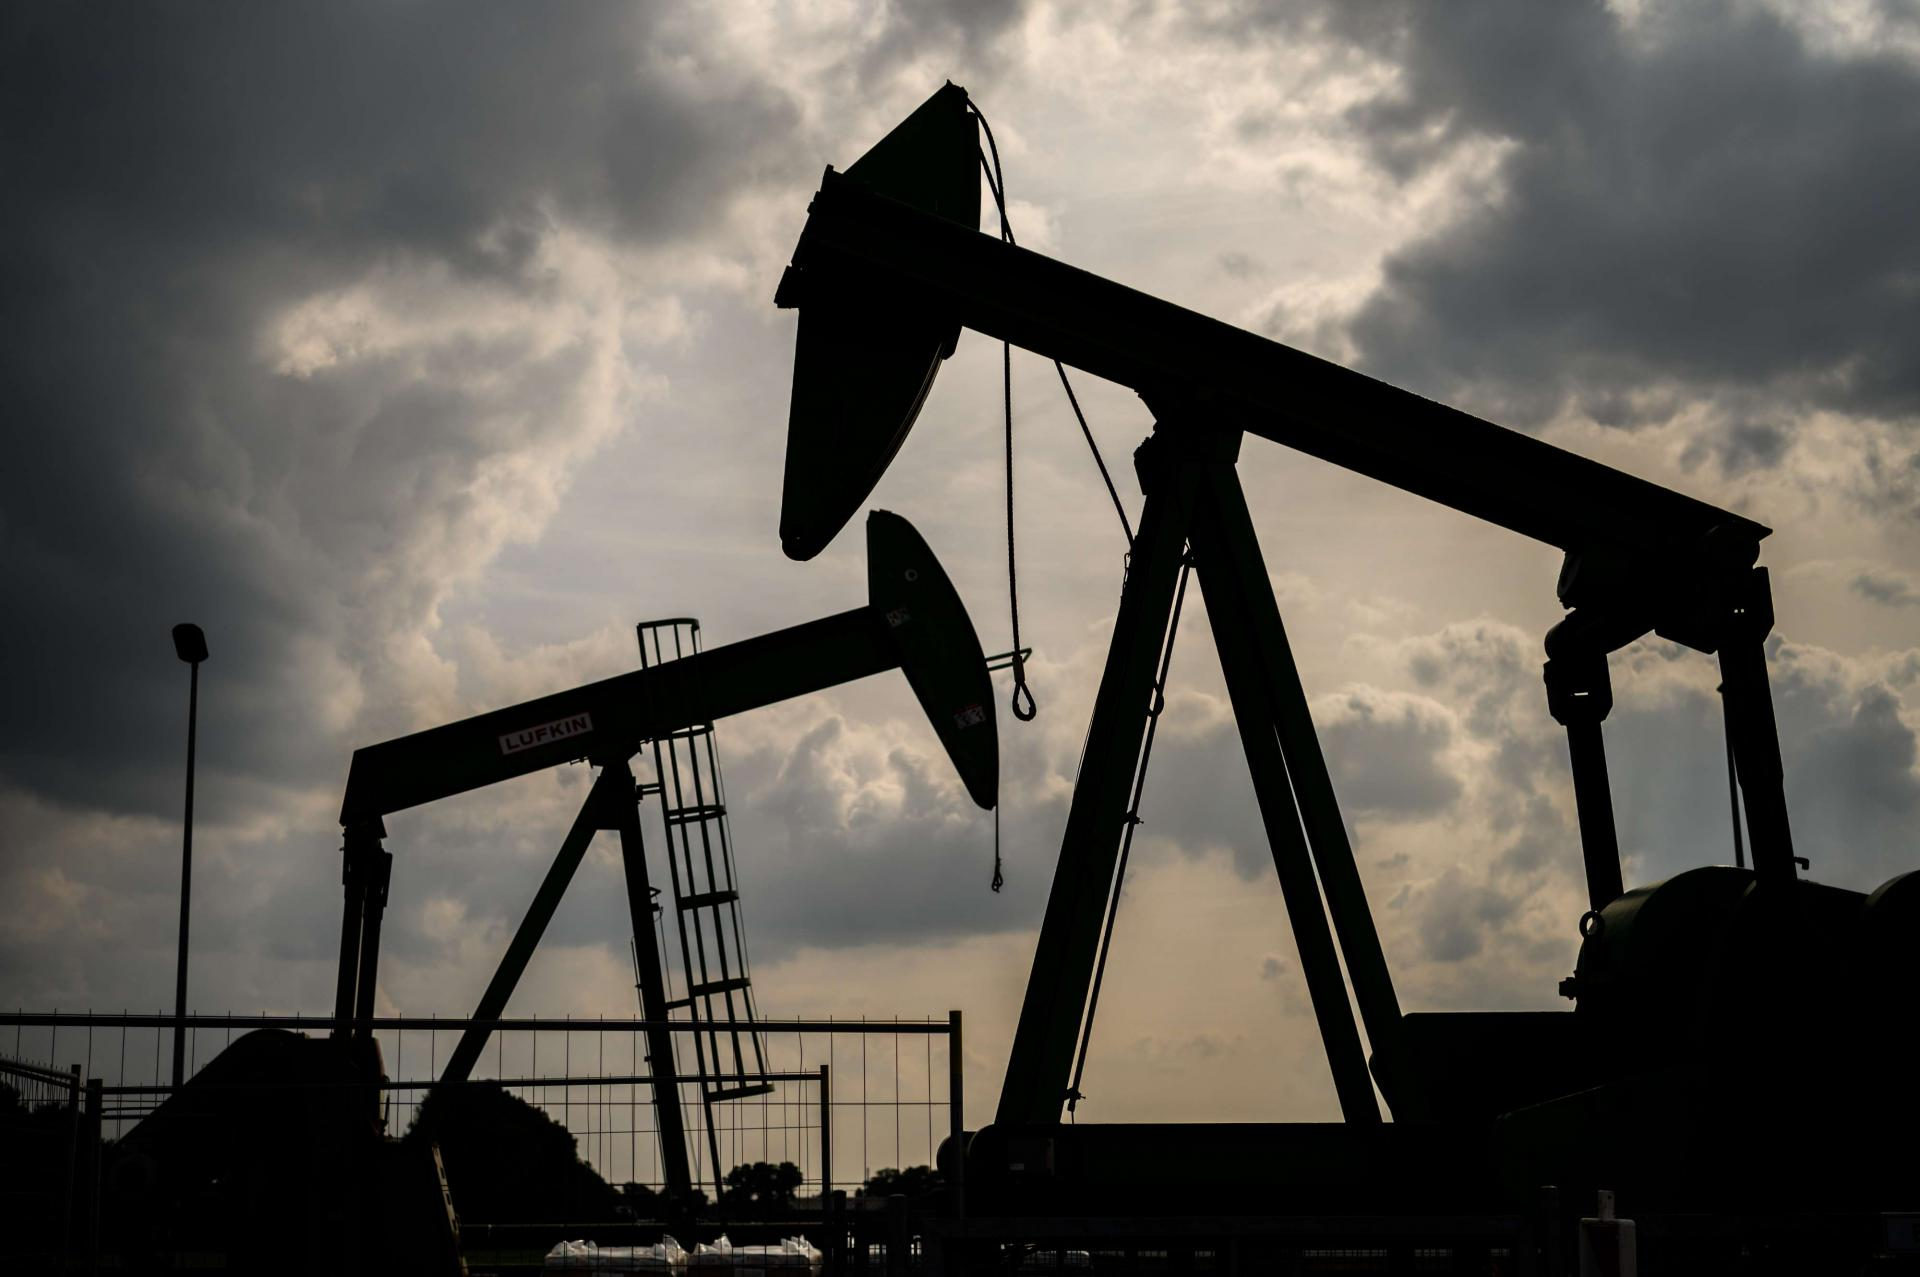 تراجع أسعار النفط بعد استئناف حركة الملاحة بقناة السويس